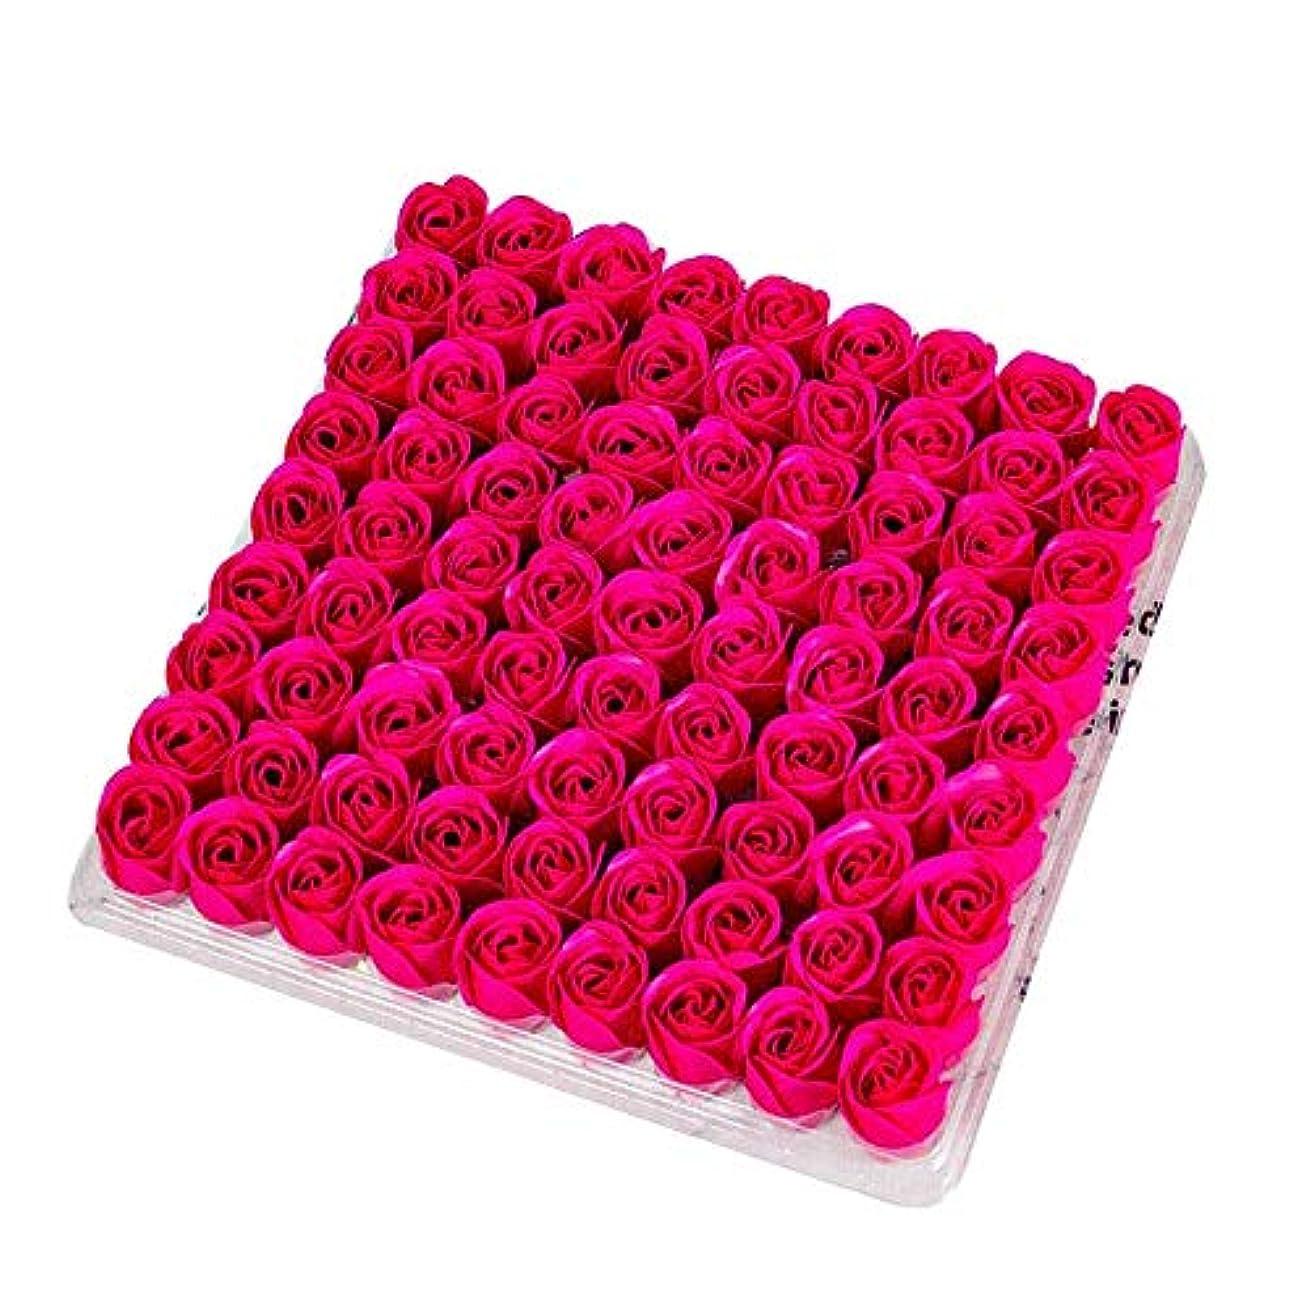 着服政府ナイトスポットTOOGOO 81個の薔薇、バス ボディ フラワー?フローラルの石けん 香りのよいローズフラワー エッセンシャルオイル フローラルのお客様への石鹸 ウェディング、パーティー、バレンタインデーの贈り物、薔薇、ローズレッド